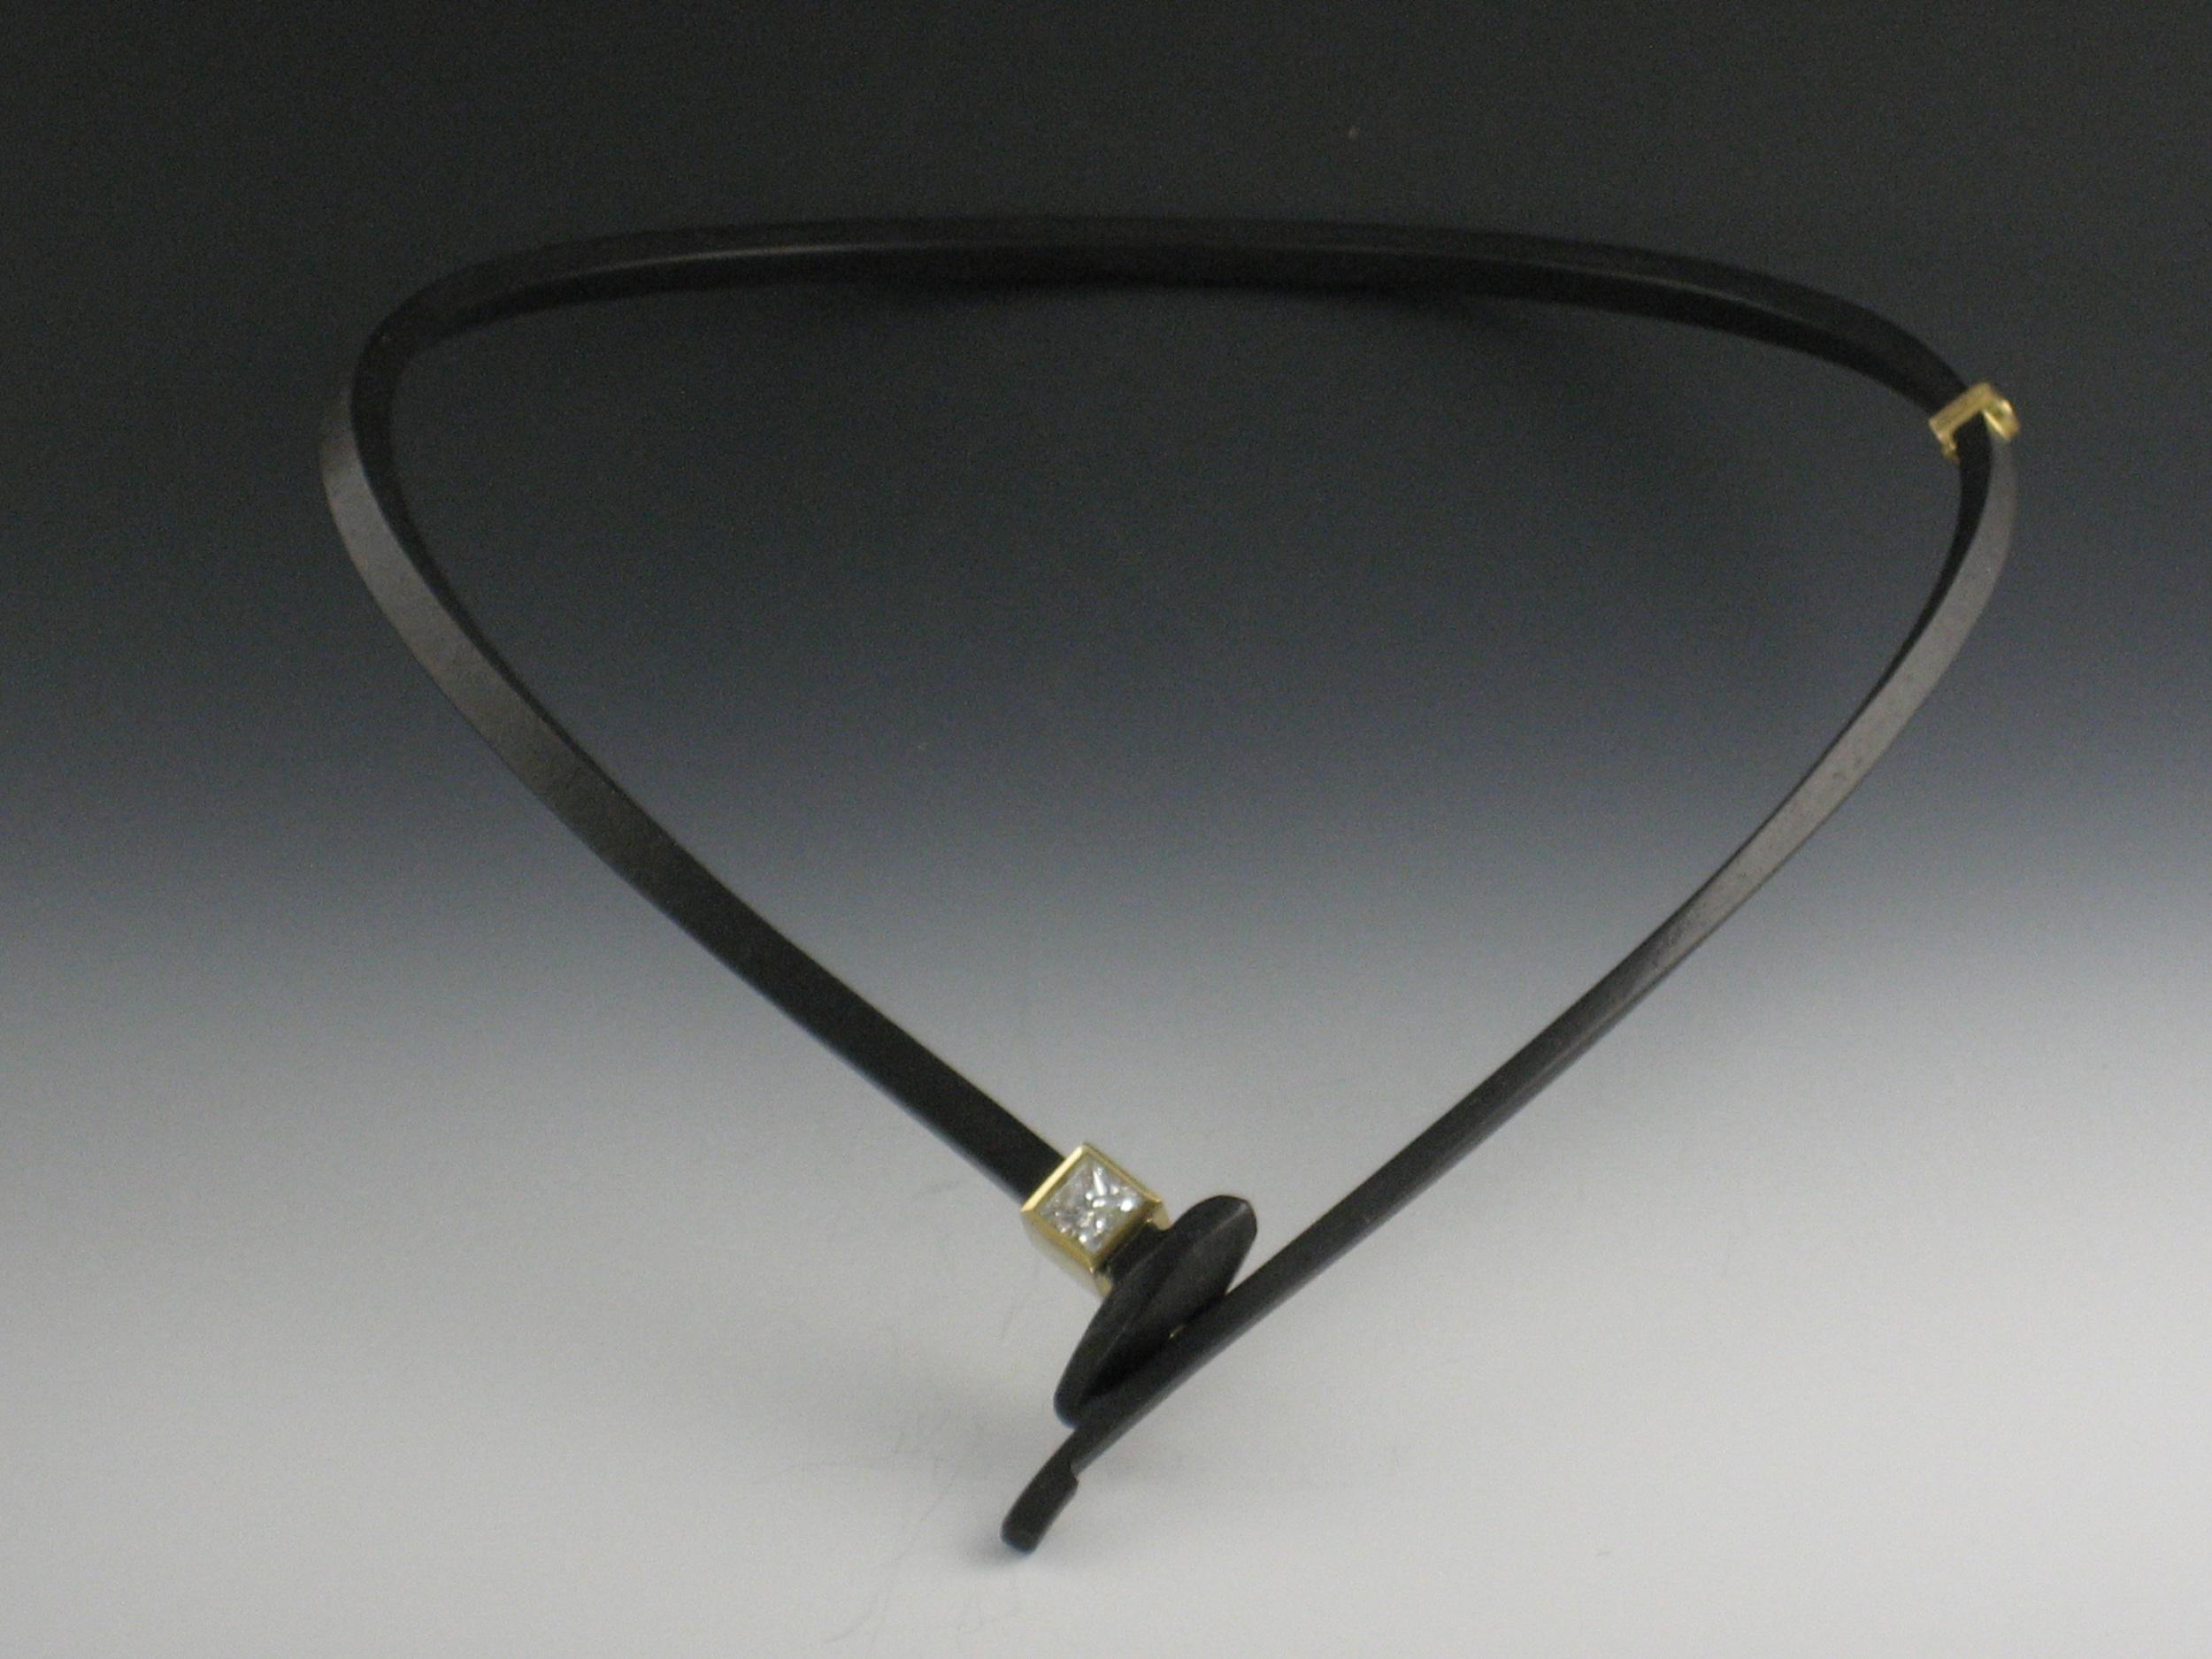 Square Diamond Neckpiece with Simple Tail